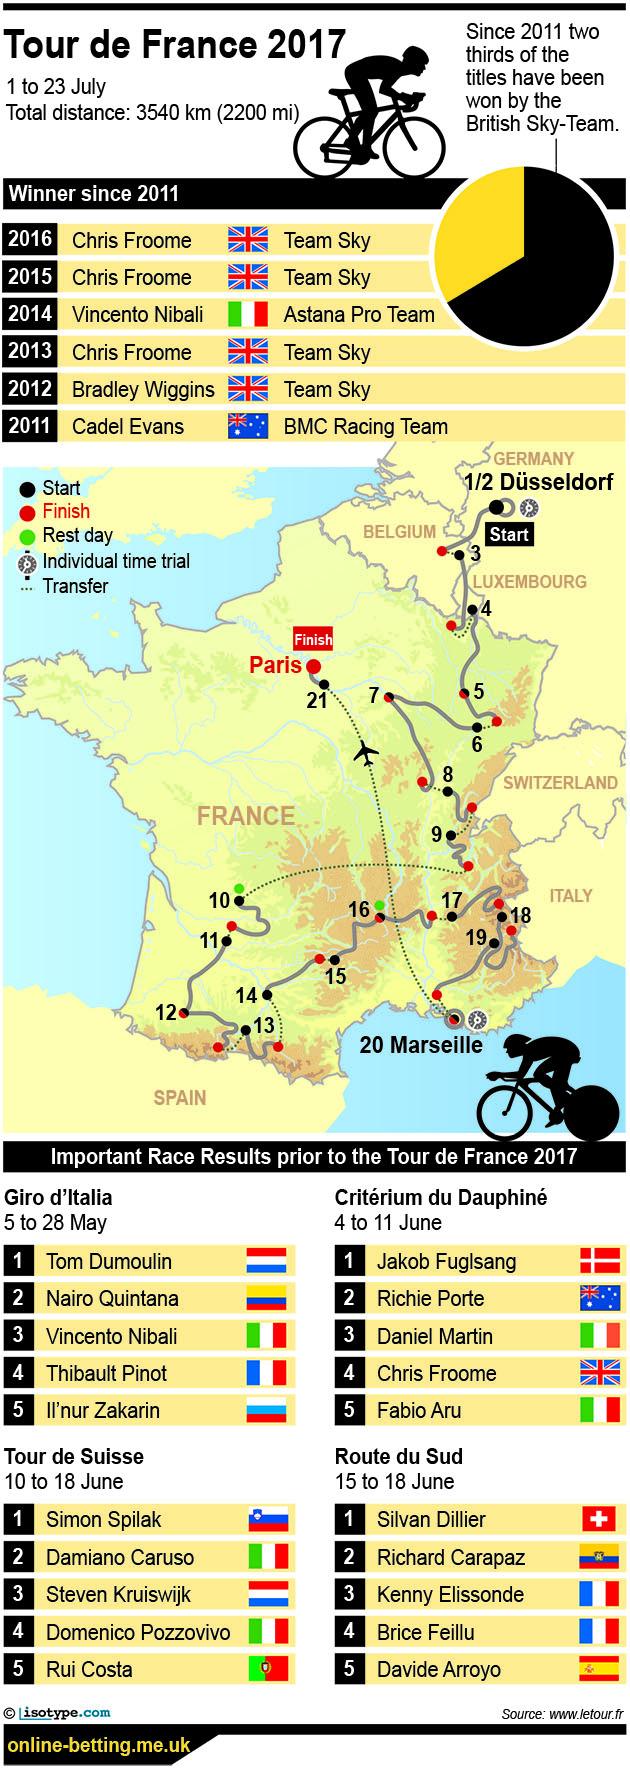 Tour de France 2017 Infographic